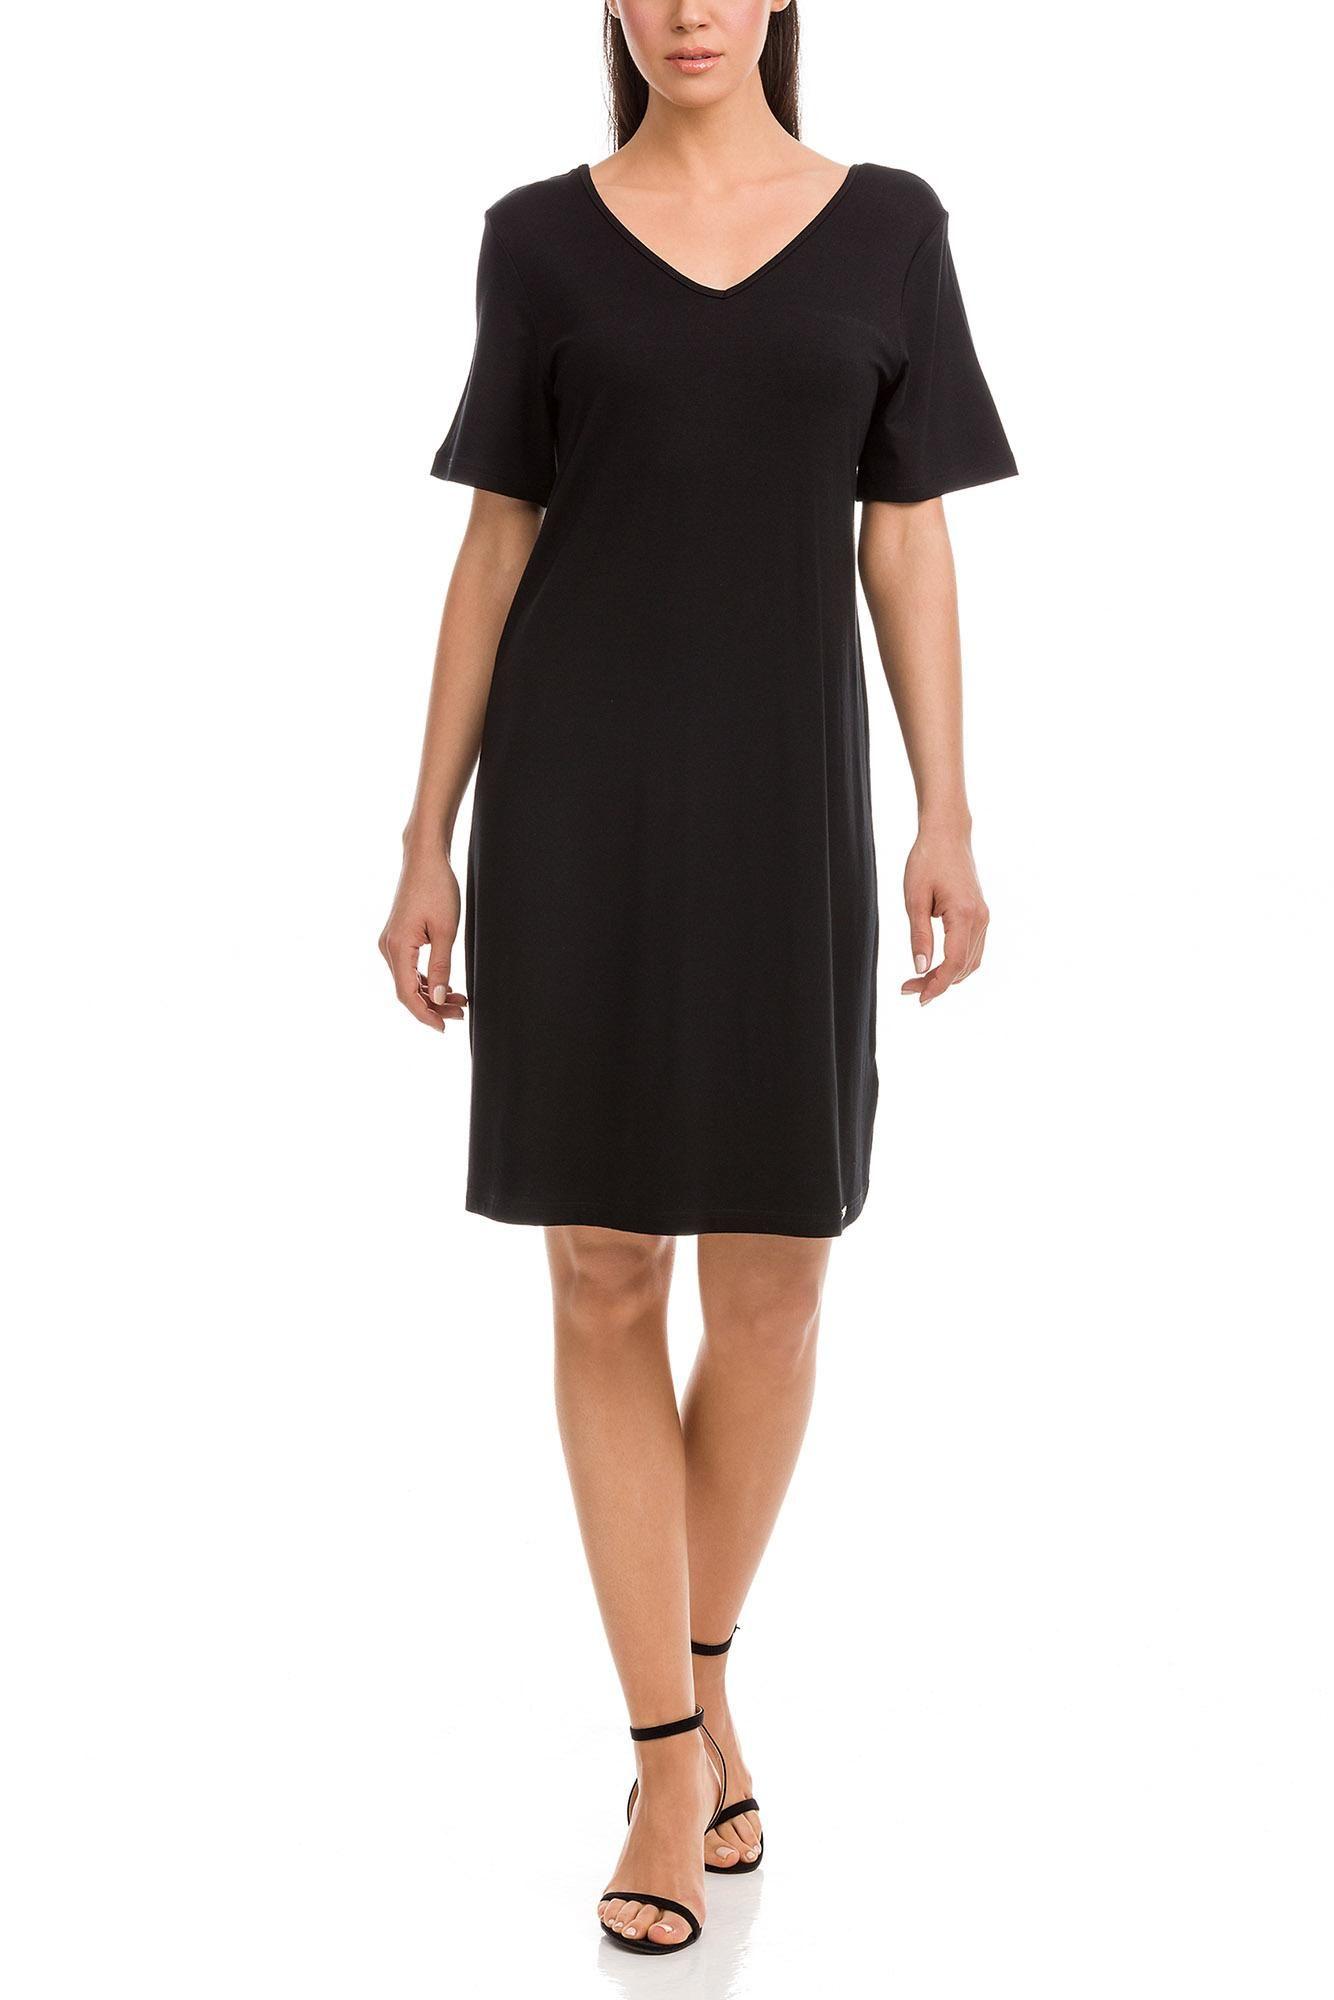 Φόρεμα Μονόχρωμο Κοντομάνικο